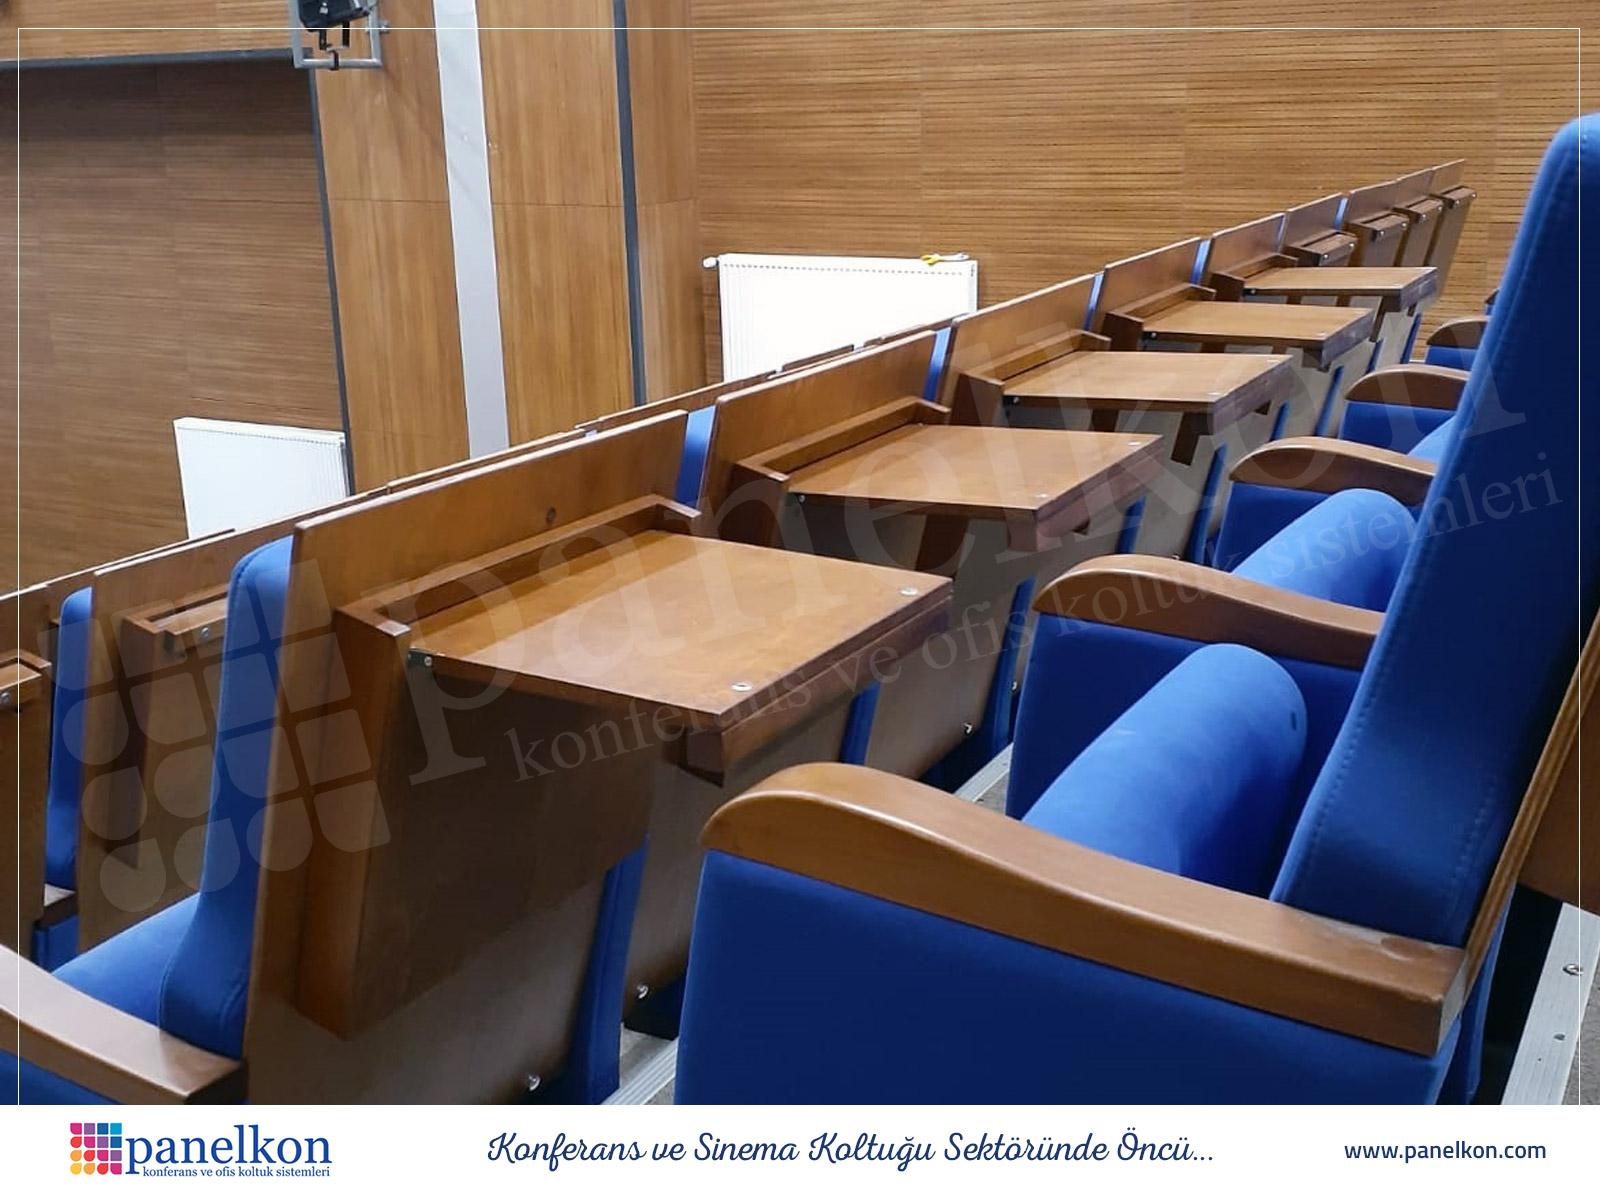 maramara üniversitesi göztepe kampüsü hukuk fakültesi konferans salonu koltukları (2)